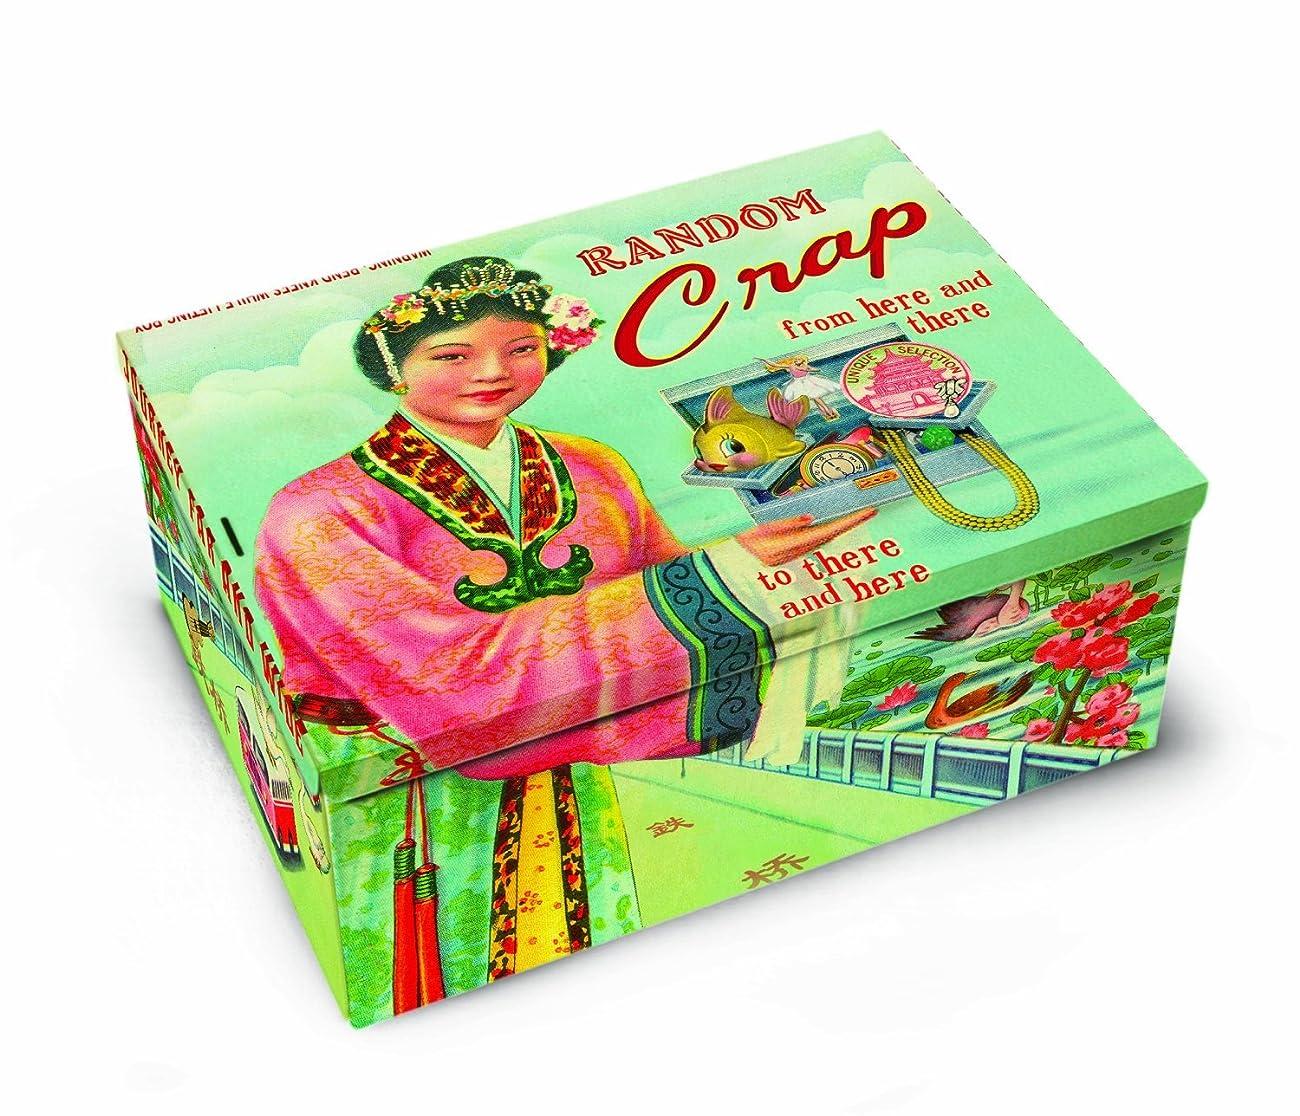 Blue Q Random Crap Cigar Box 0